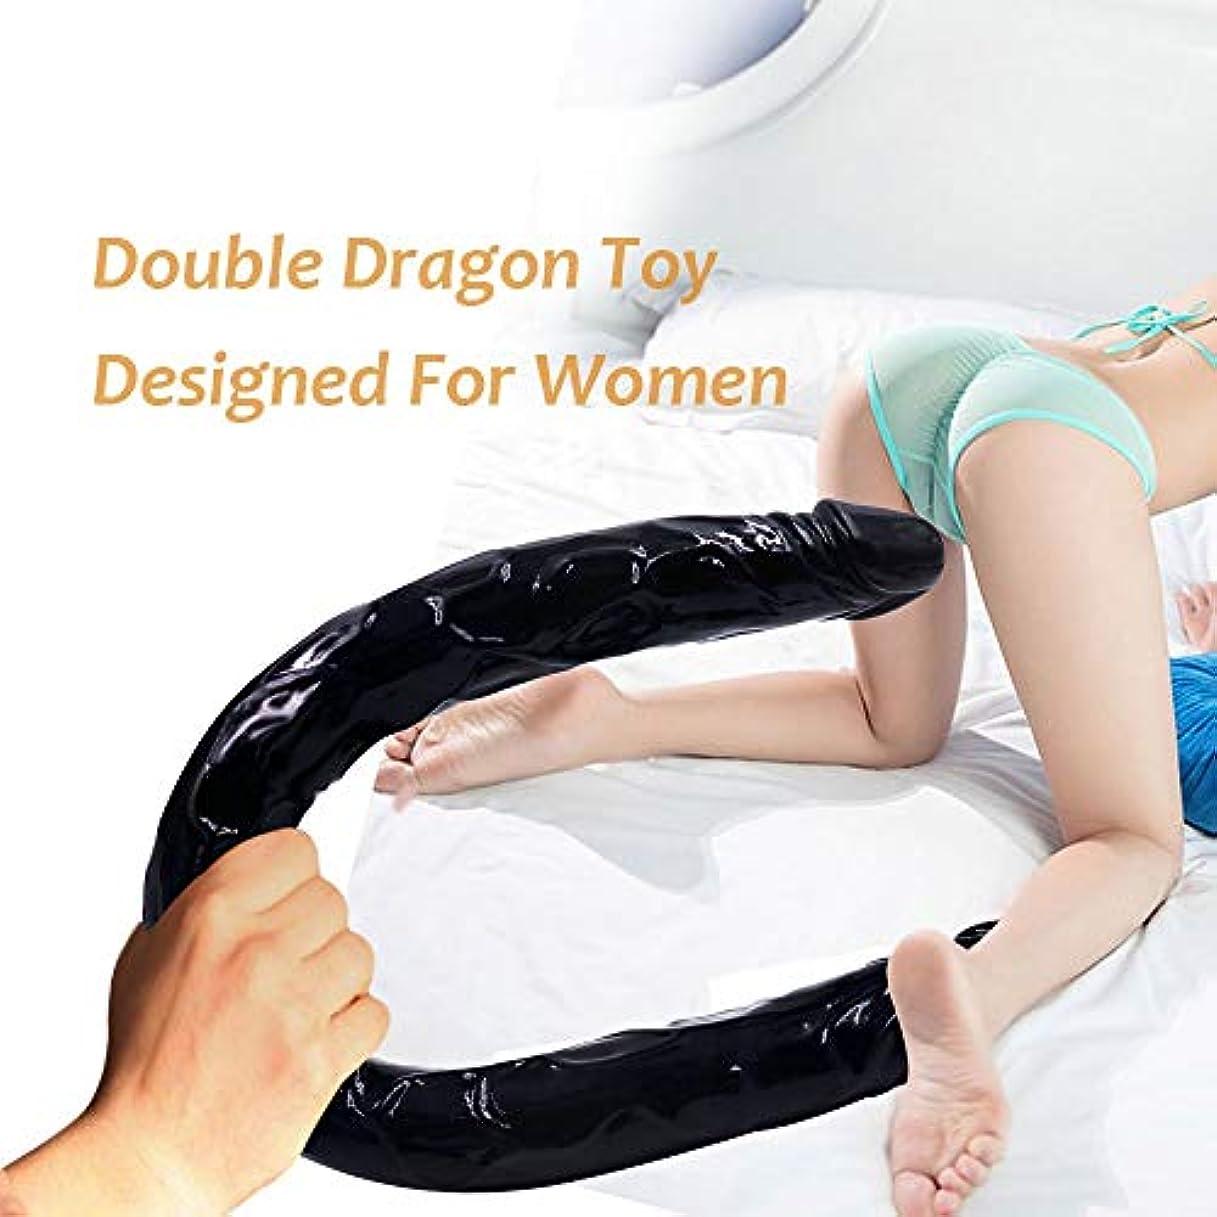 とんでもない容赦ない売り手KGJJHYBGTOY 21.56インチダブル階層化のおもちゃのLèsbǐans完全に向かって挿入を終えた両面 RELAX MASSAGE BODY